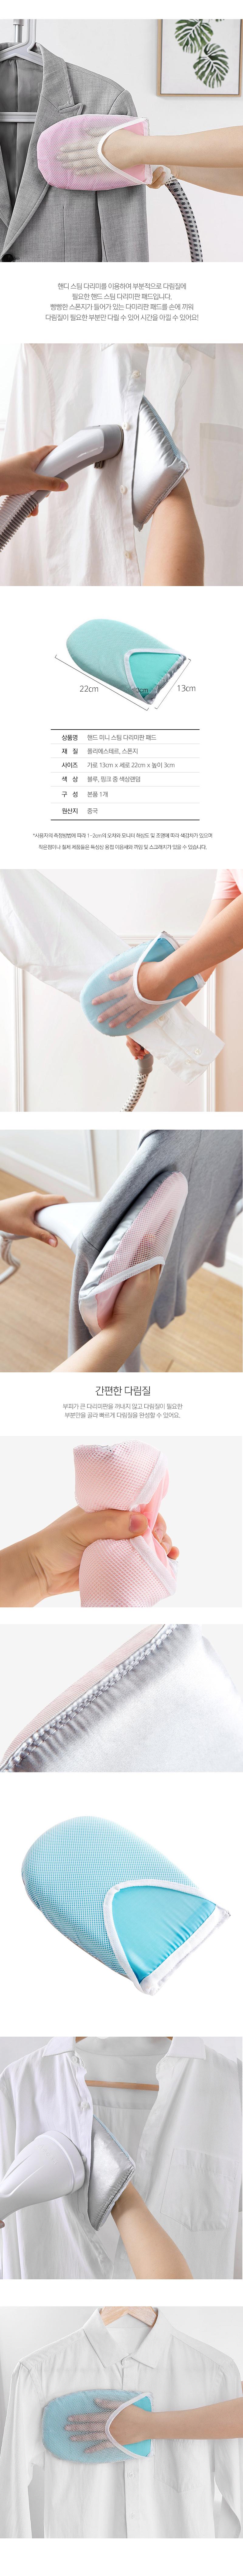 핸드 미니 스팀 다리미판 패드 - 이비자, 10,900원, 세탁용품, 다리미판